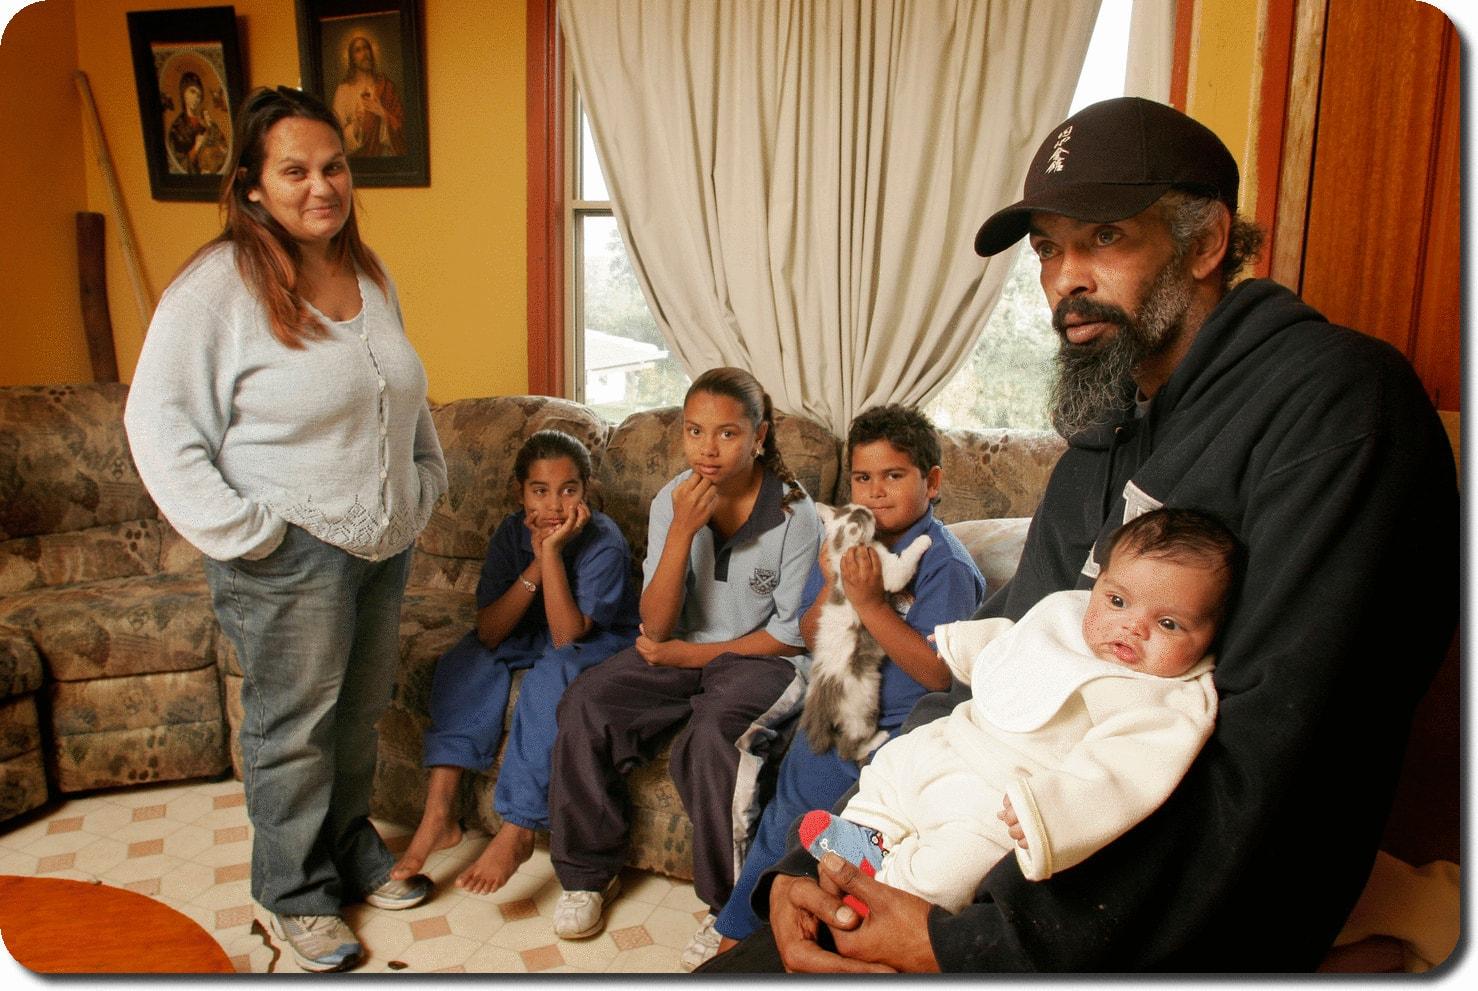 Maroubra Family bordered-min